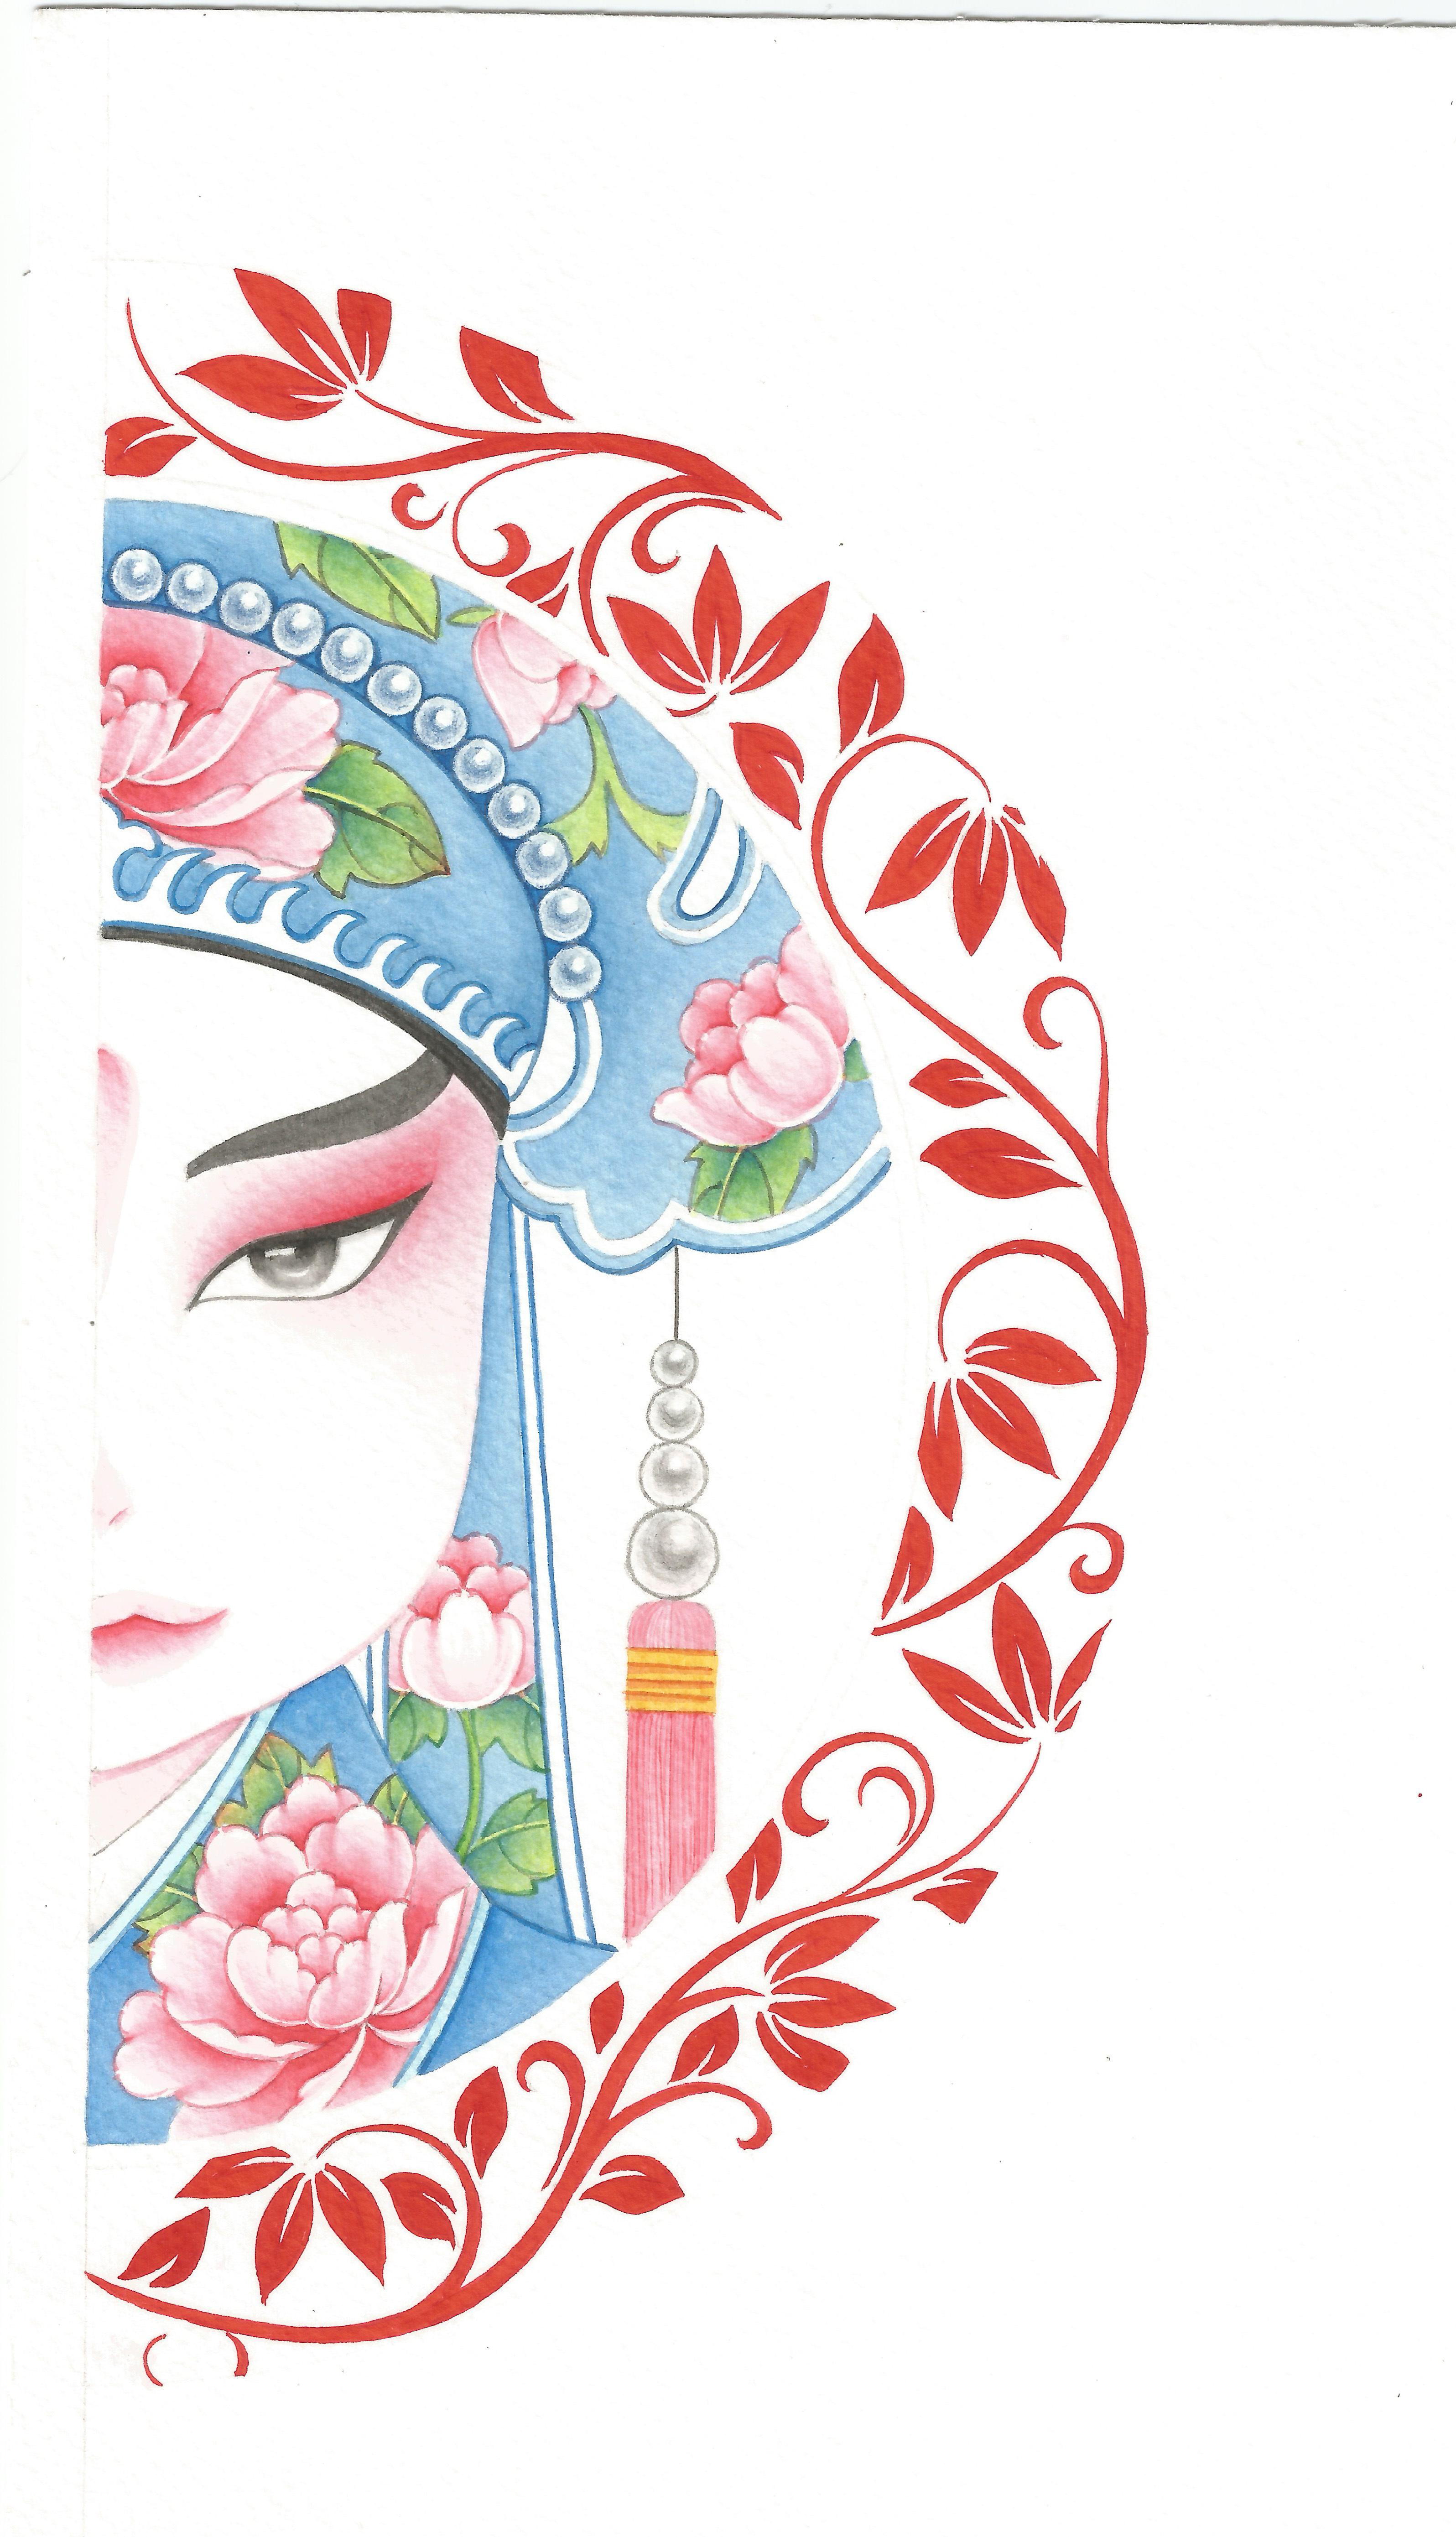 动漫手绘黑白京剧侧脸